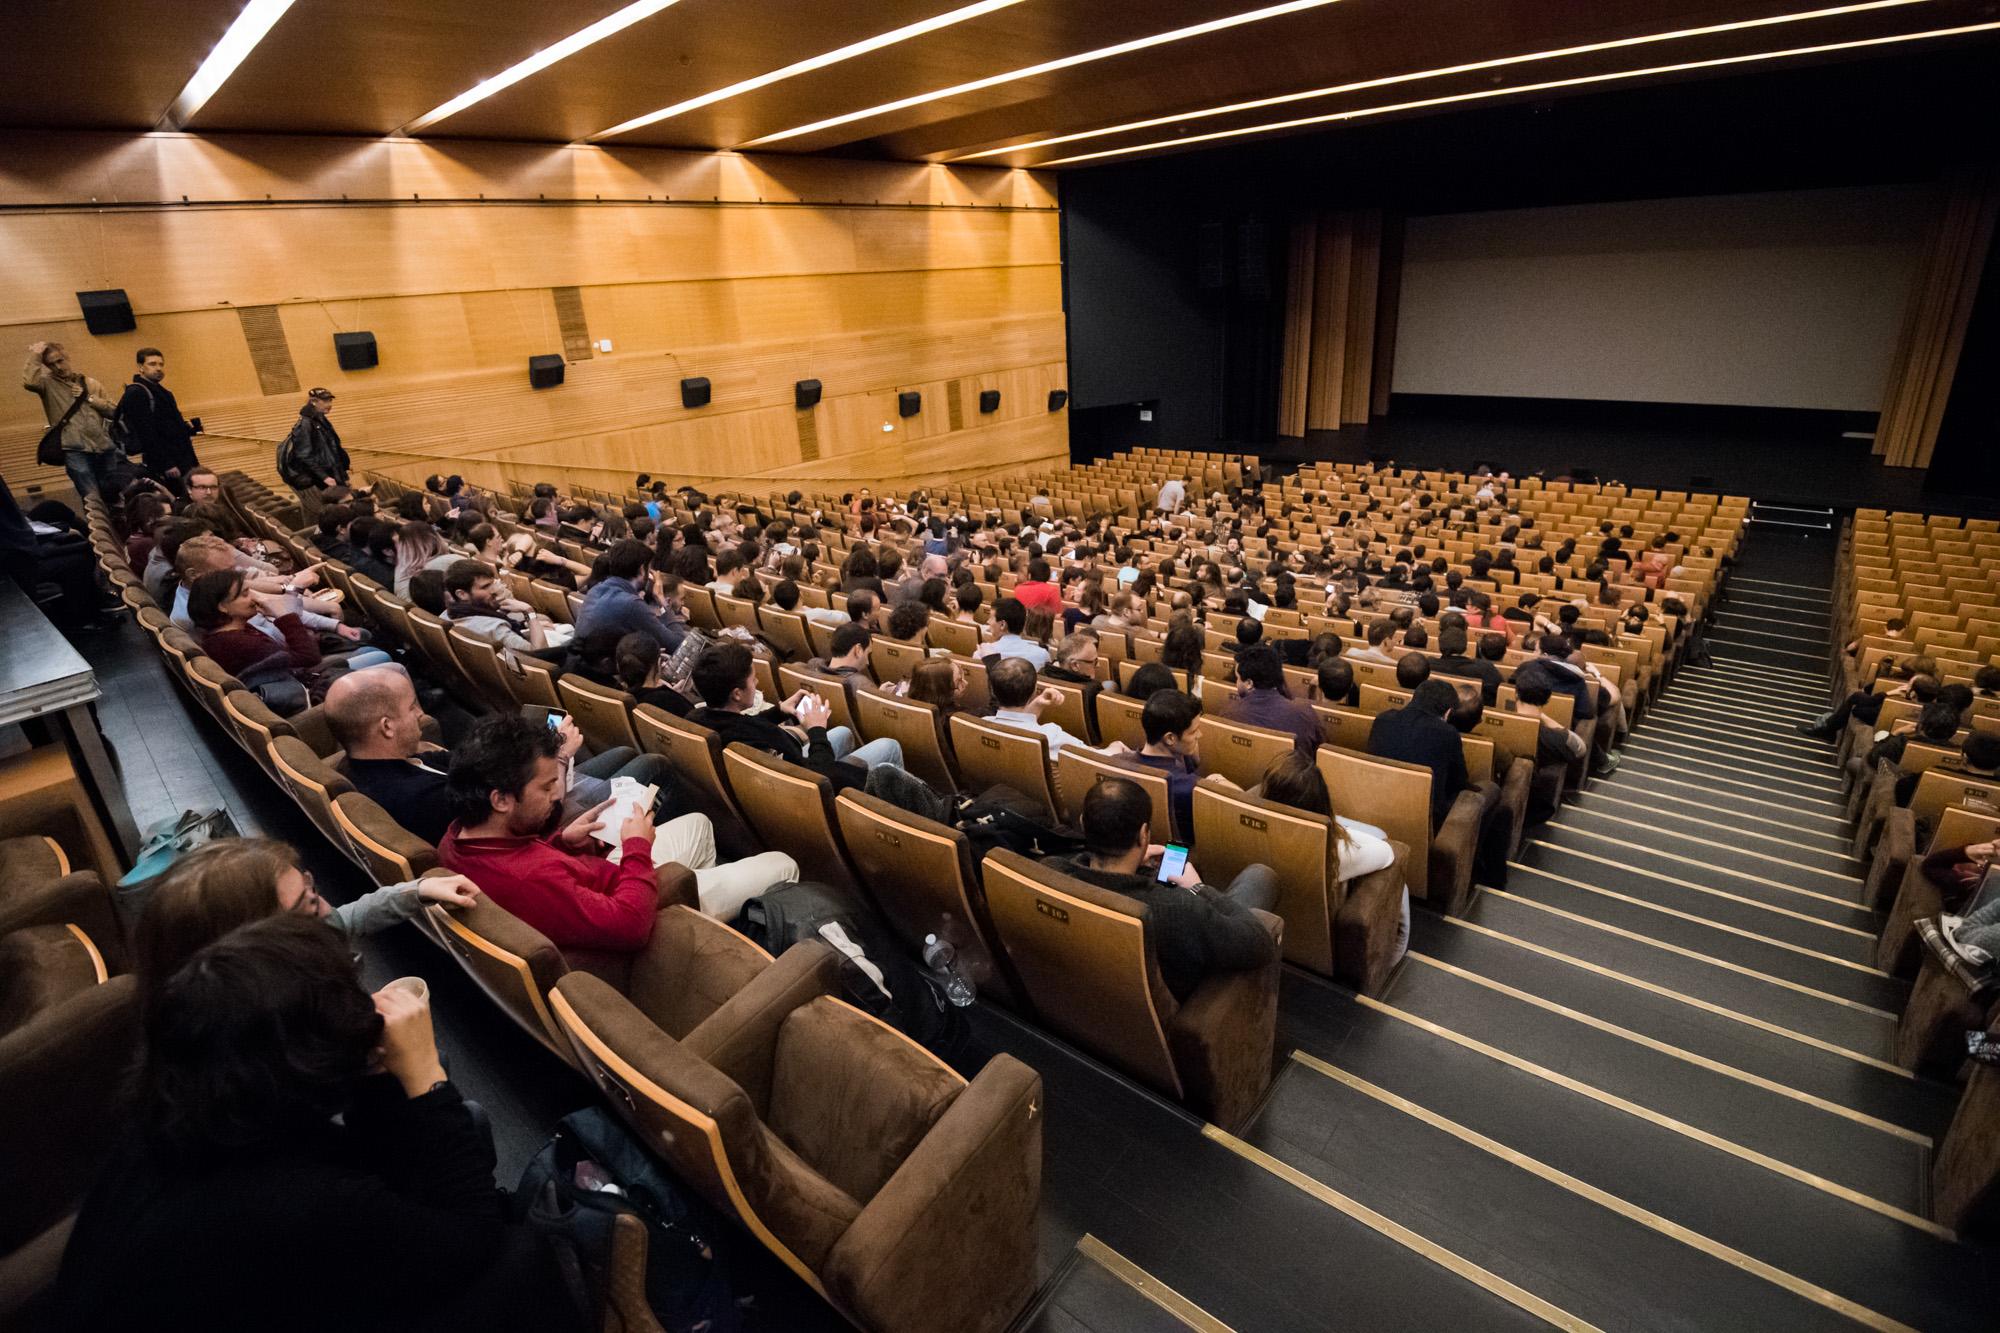 Reportage-photo-Utopiales-2018-Cité-Congrés